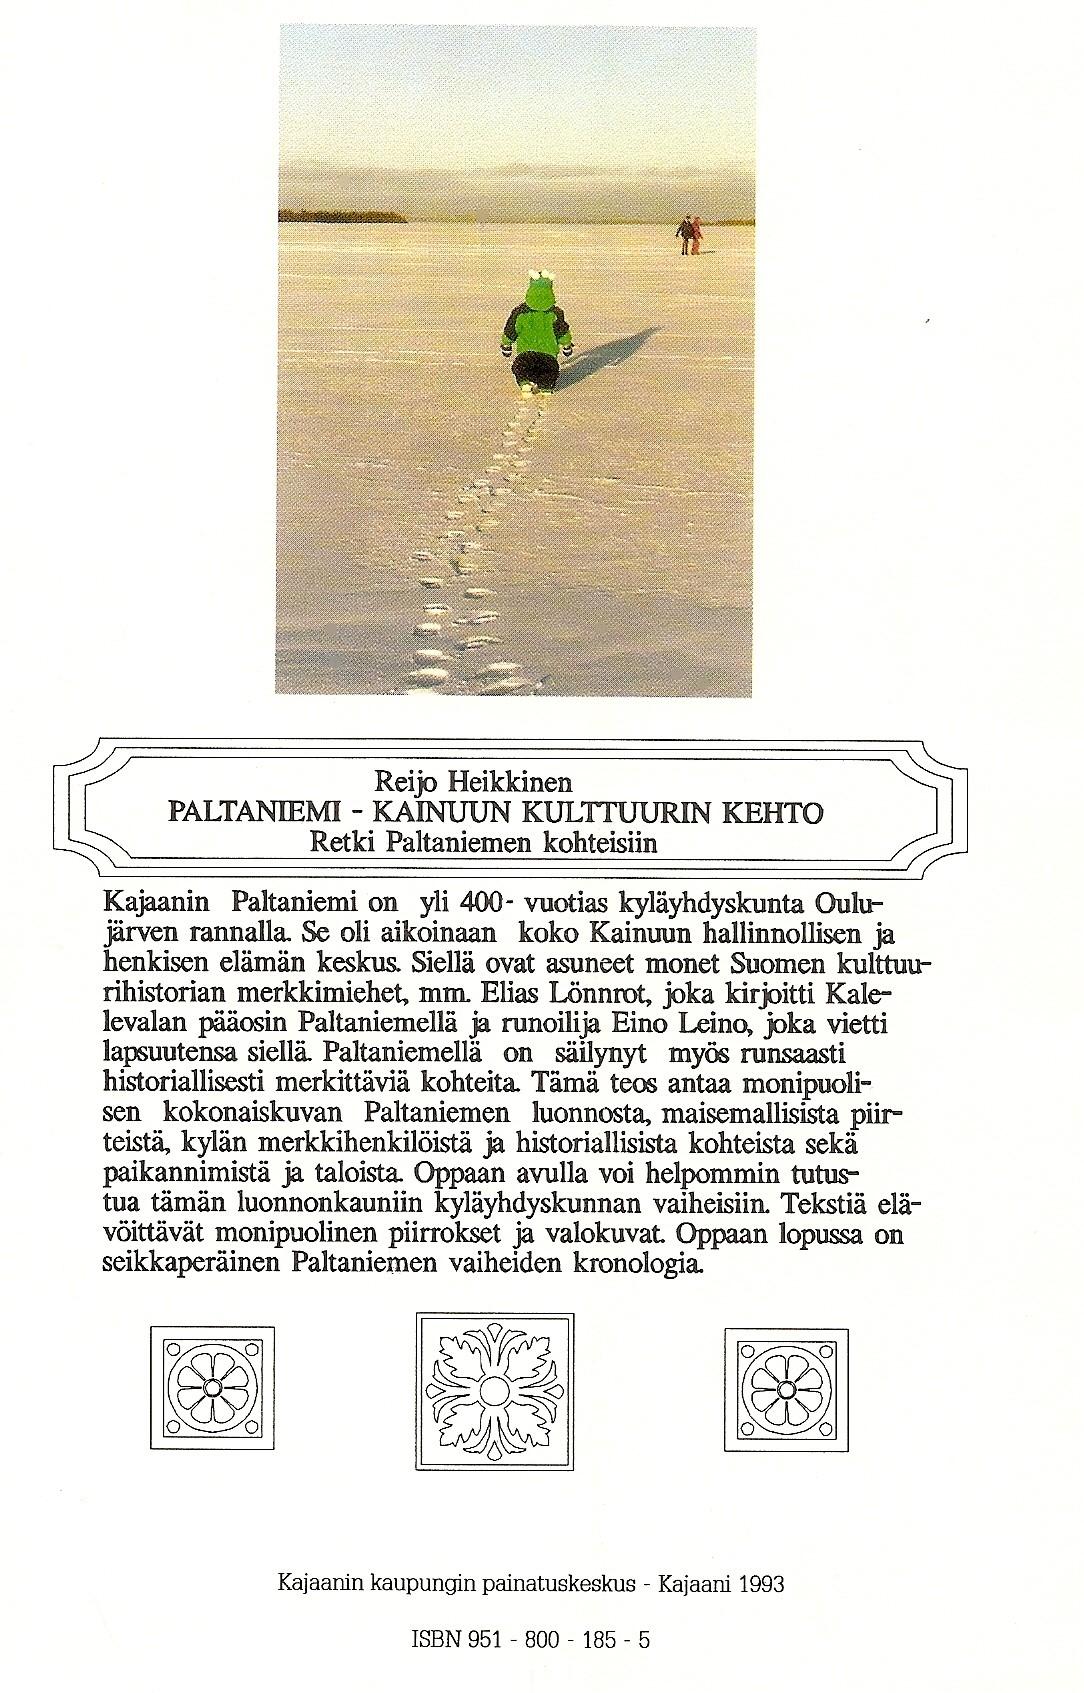 Paltaniemi - Kainuun kulttuurin kehto 1993 takakansi